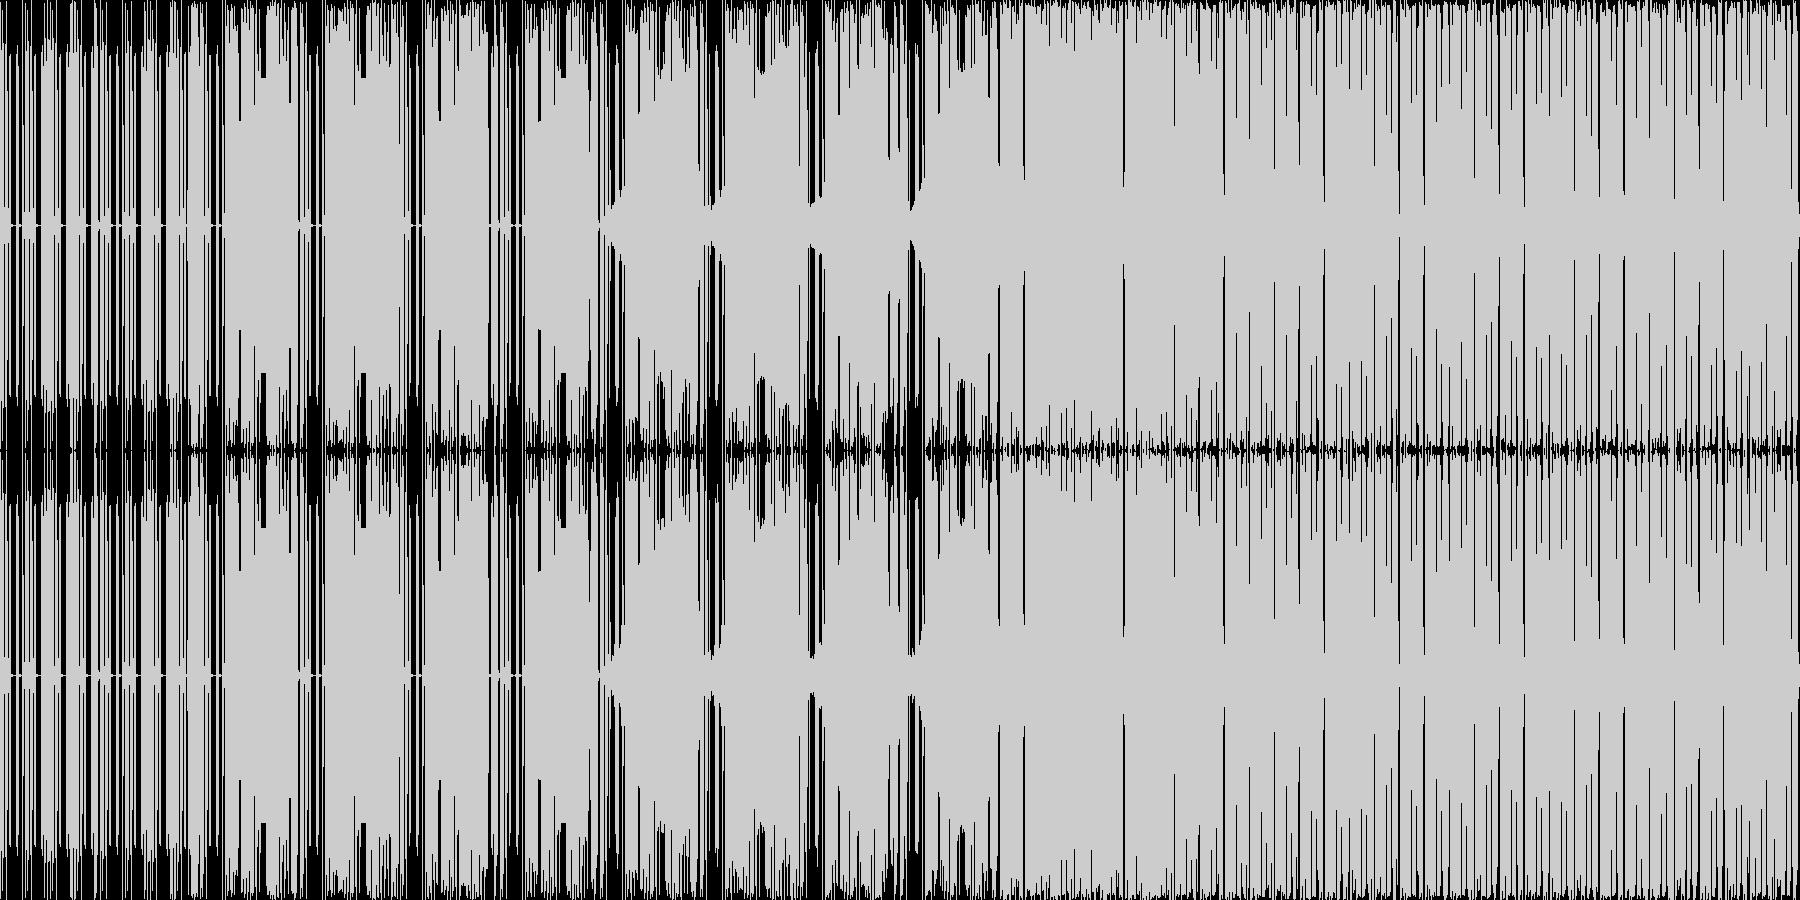 軽快な曲ですの未再生の波形